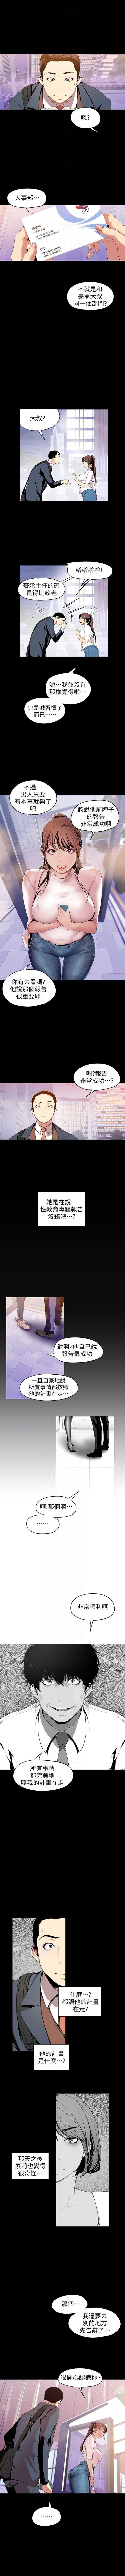 (周6)美丽新世界 1-61 中文翻译 (更新中) 349